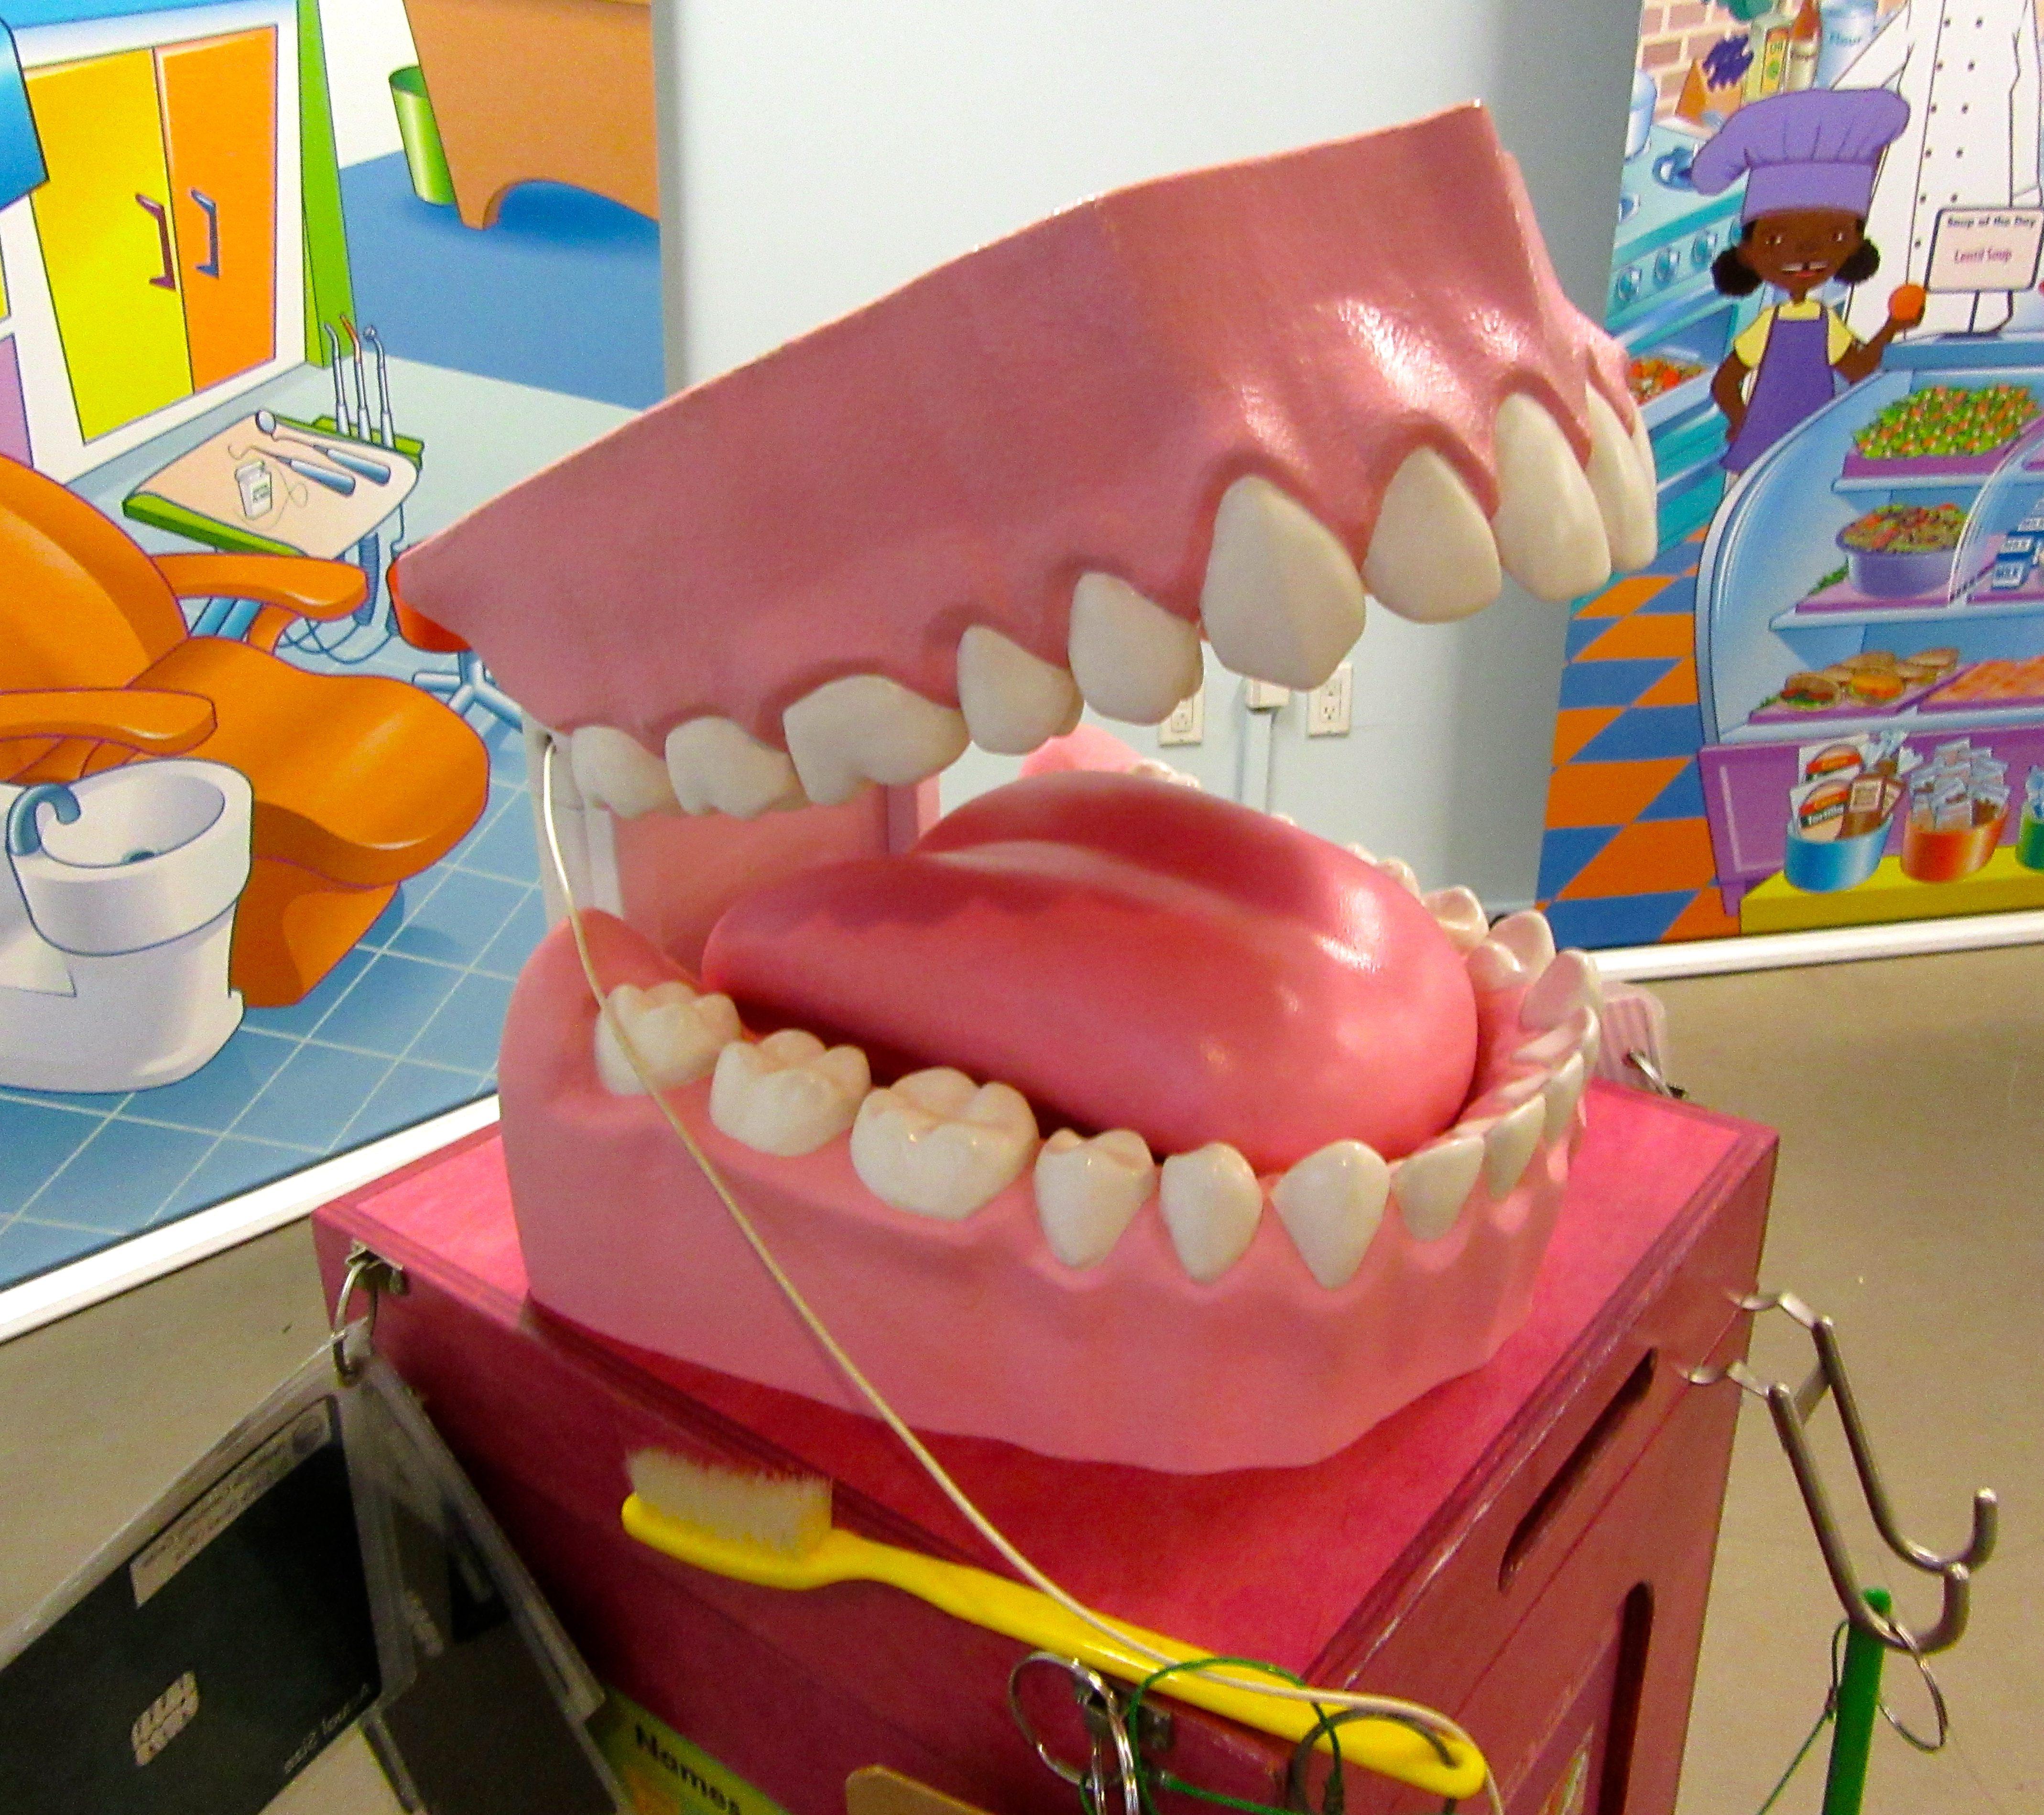 Teeth The Worley Gig